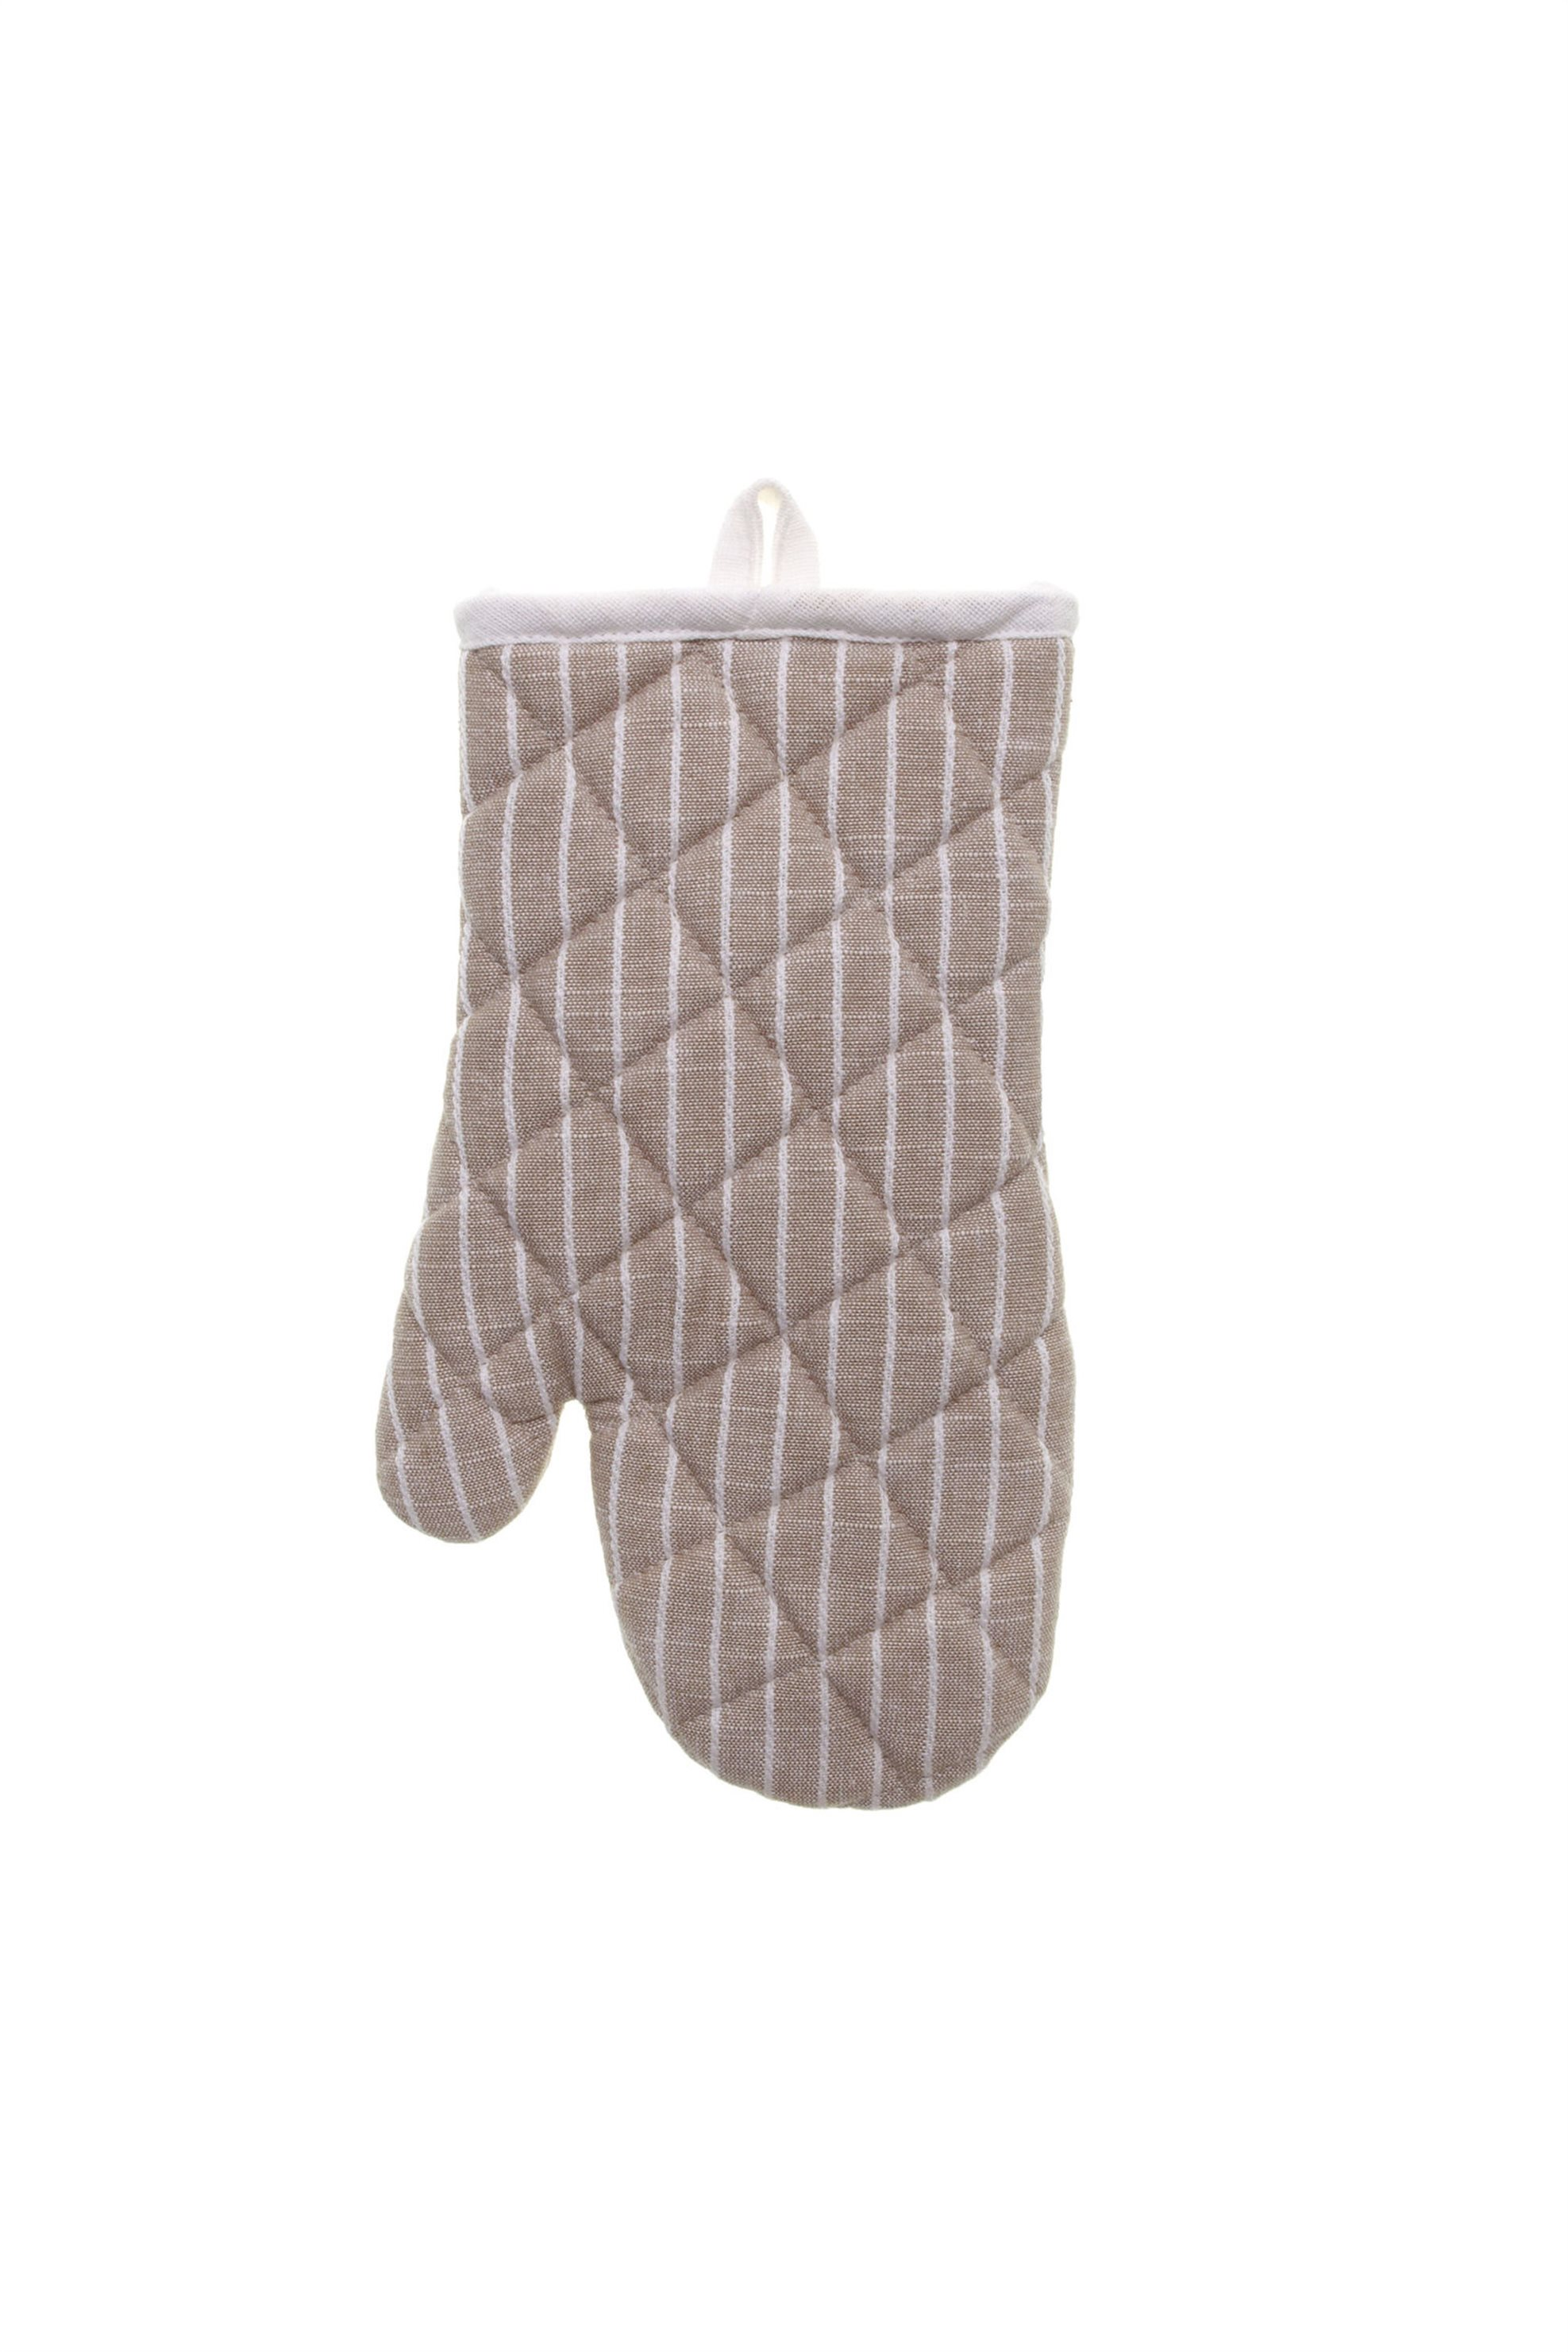 Γάντι φούρνου ριγέ 27χ17 Coincasa - 000487876 - Μπεζ home   κουζινα   αξεσουάρ kουζίνας   γάντια   πιάστρες κουζίνας